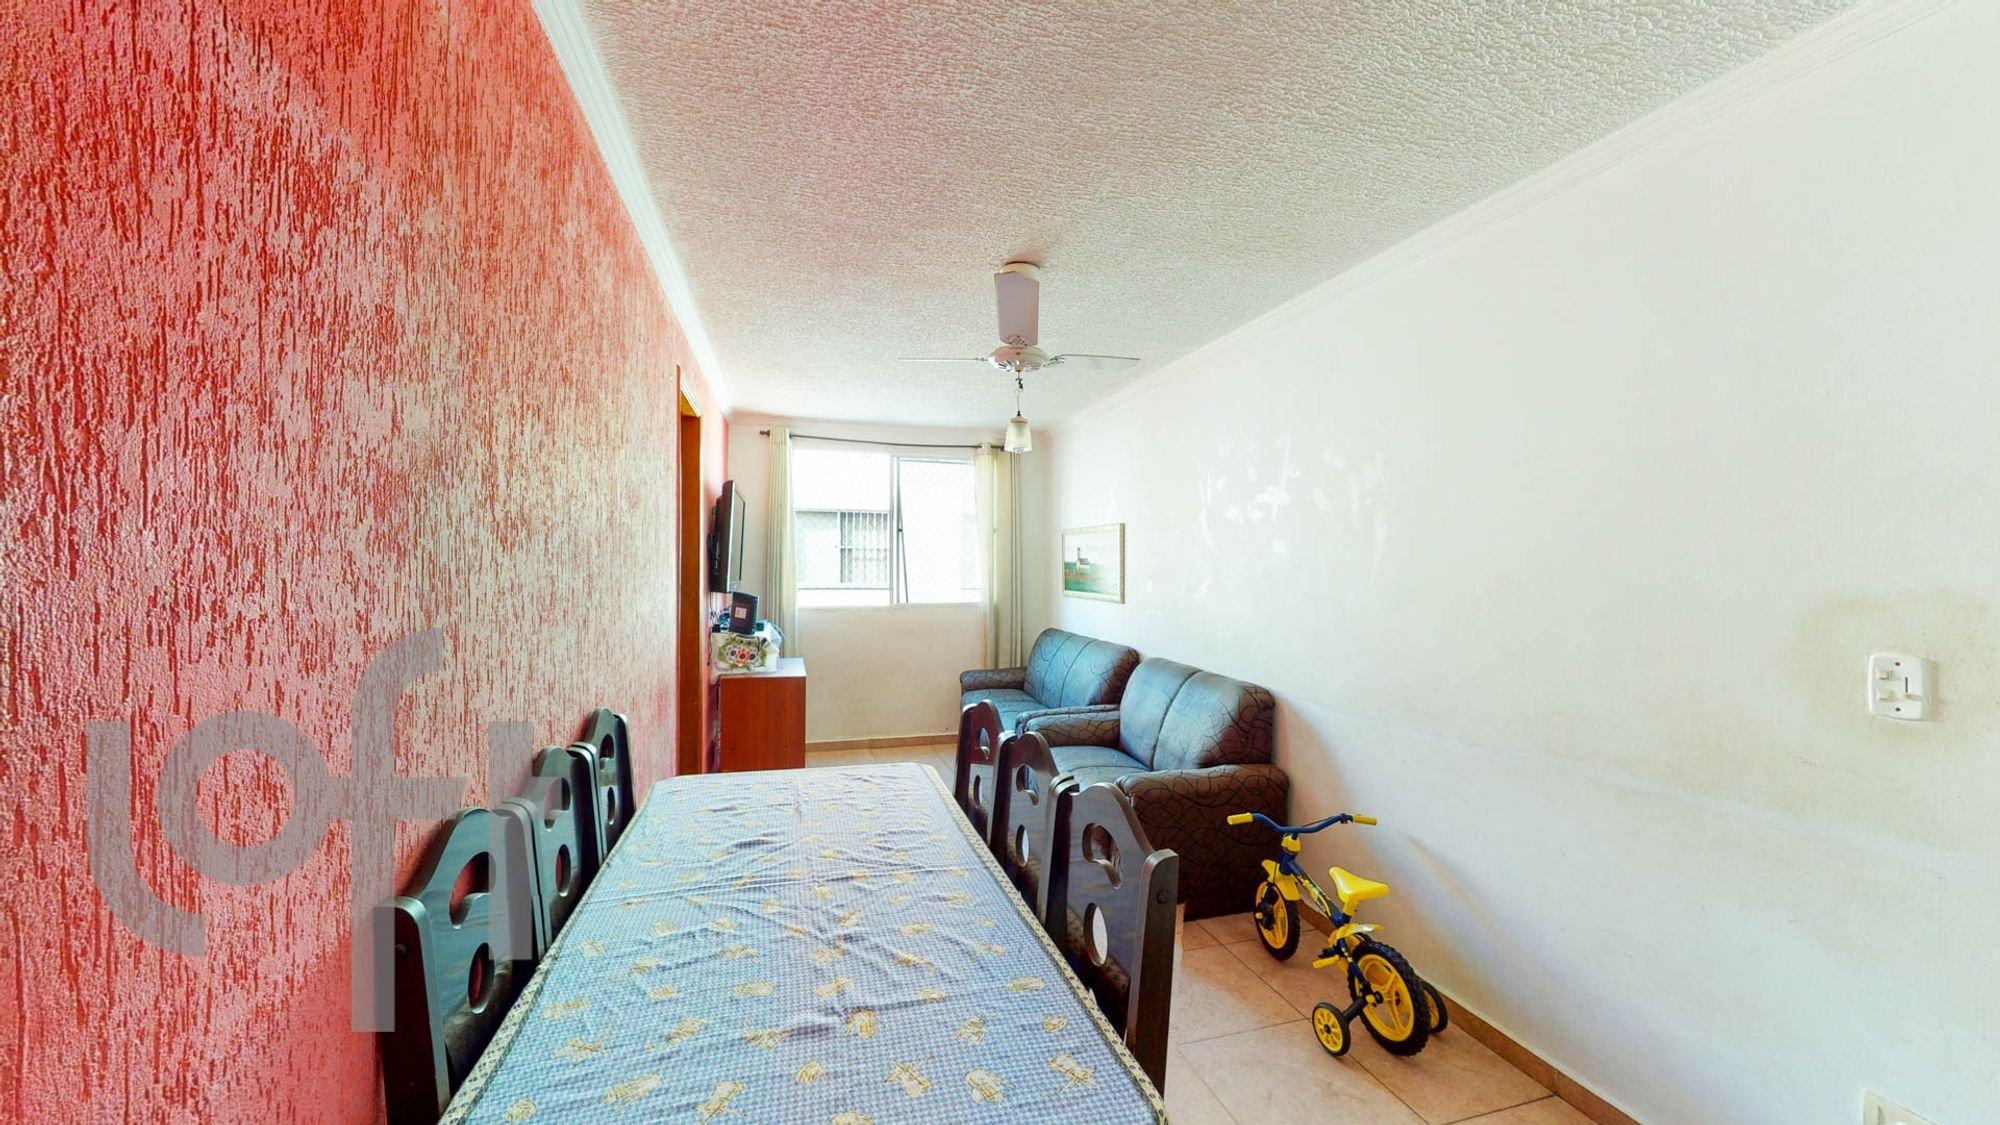 Foto de Sala com sofá, bicicleta, cadeira, mesa de jantar